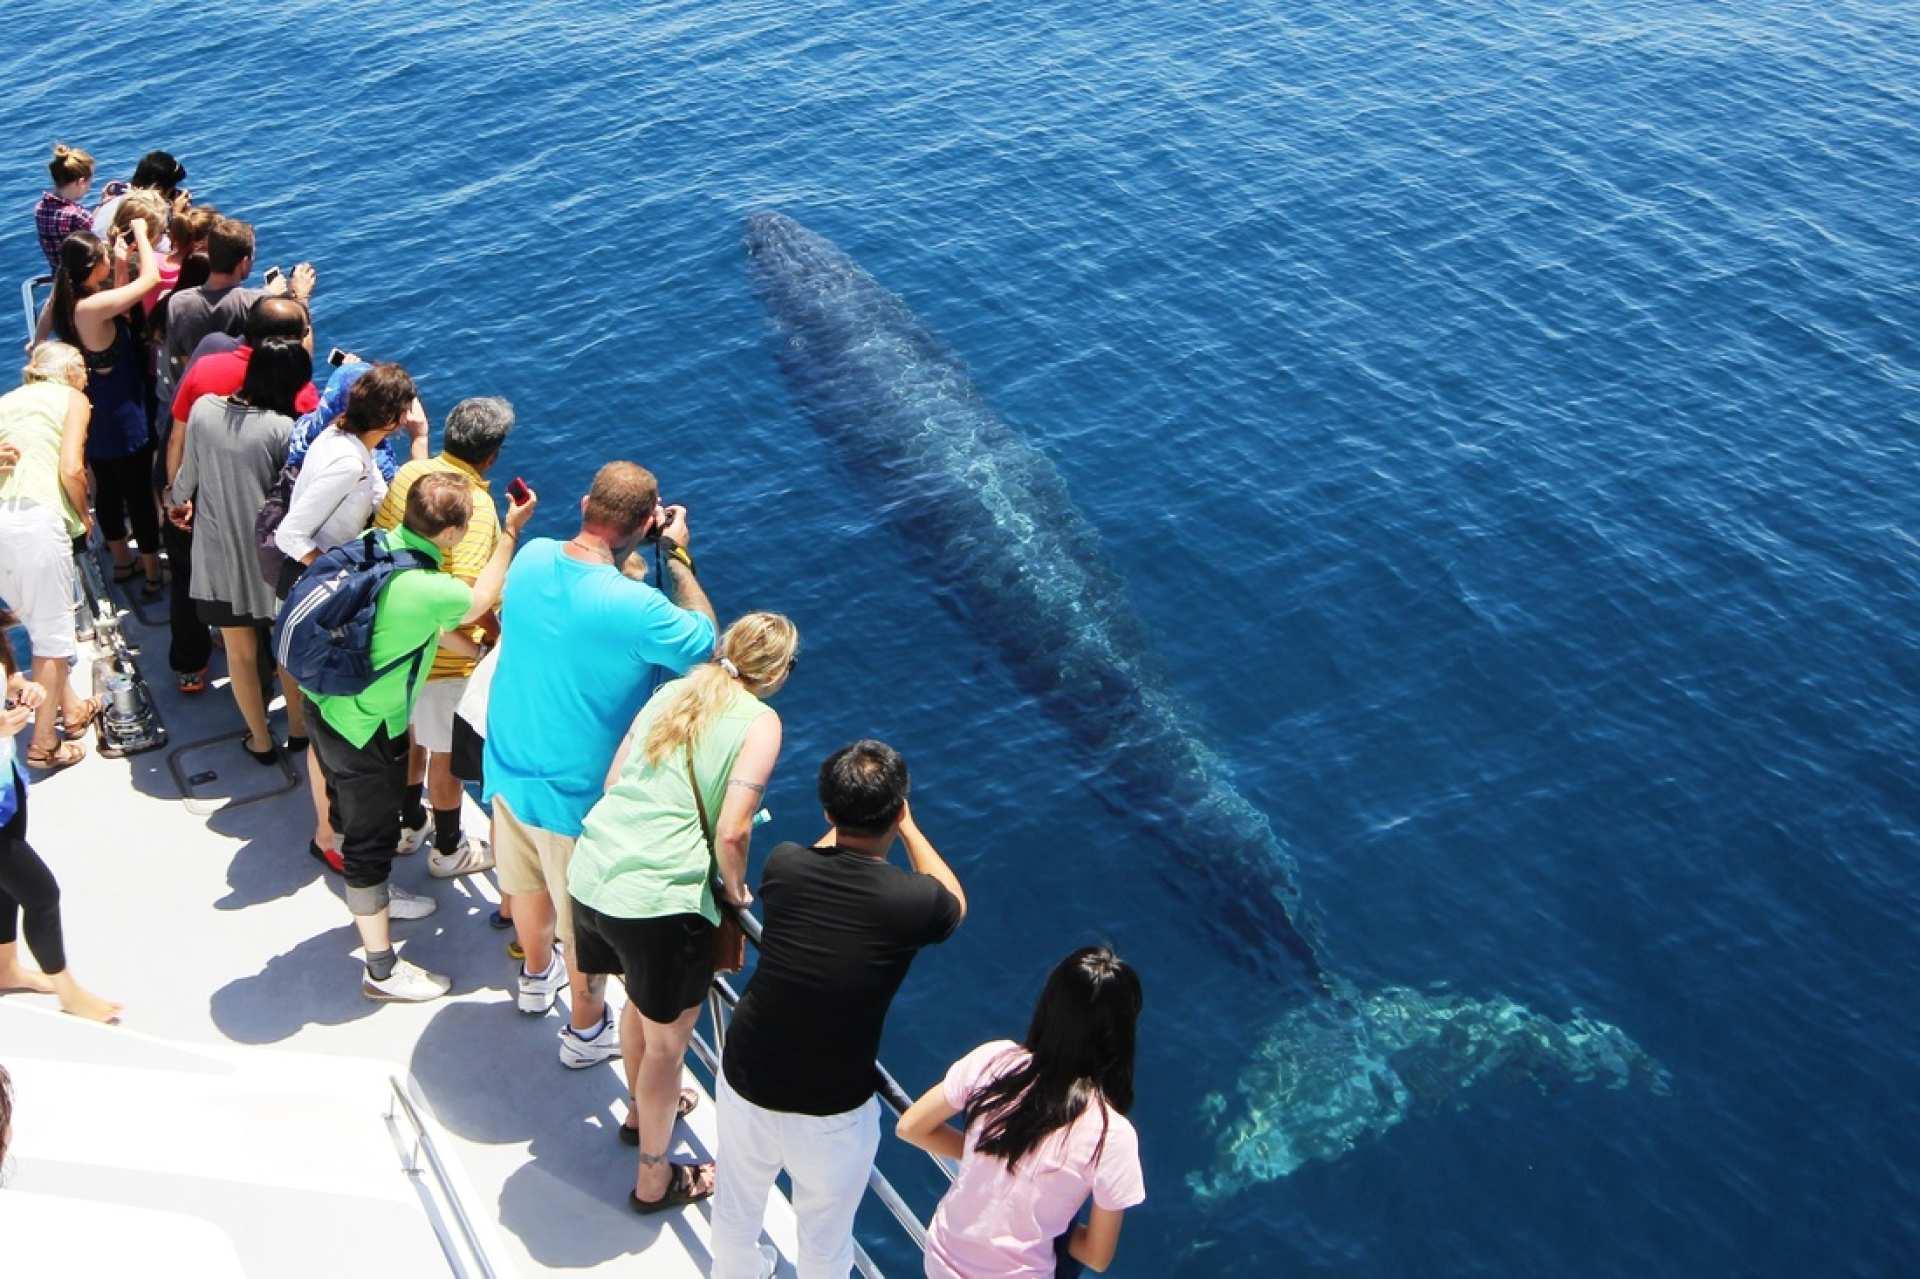 【紐西蘭海洋生態巡航】奧克蘭豪拉基灣賞鯨半日遊